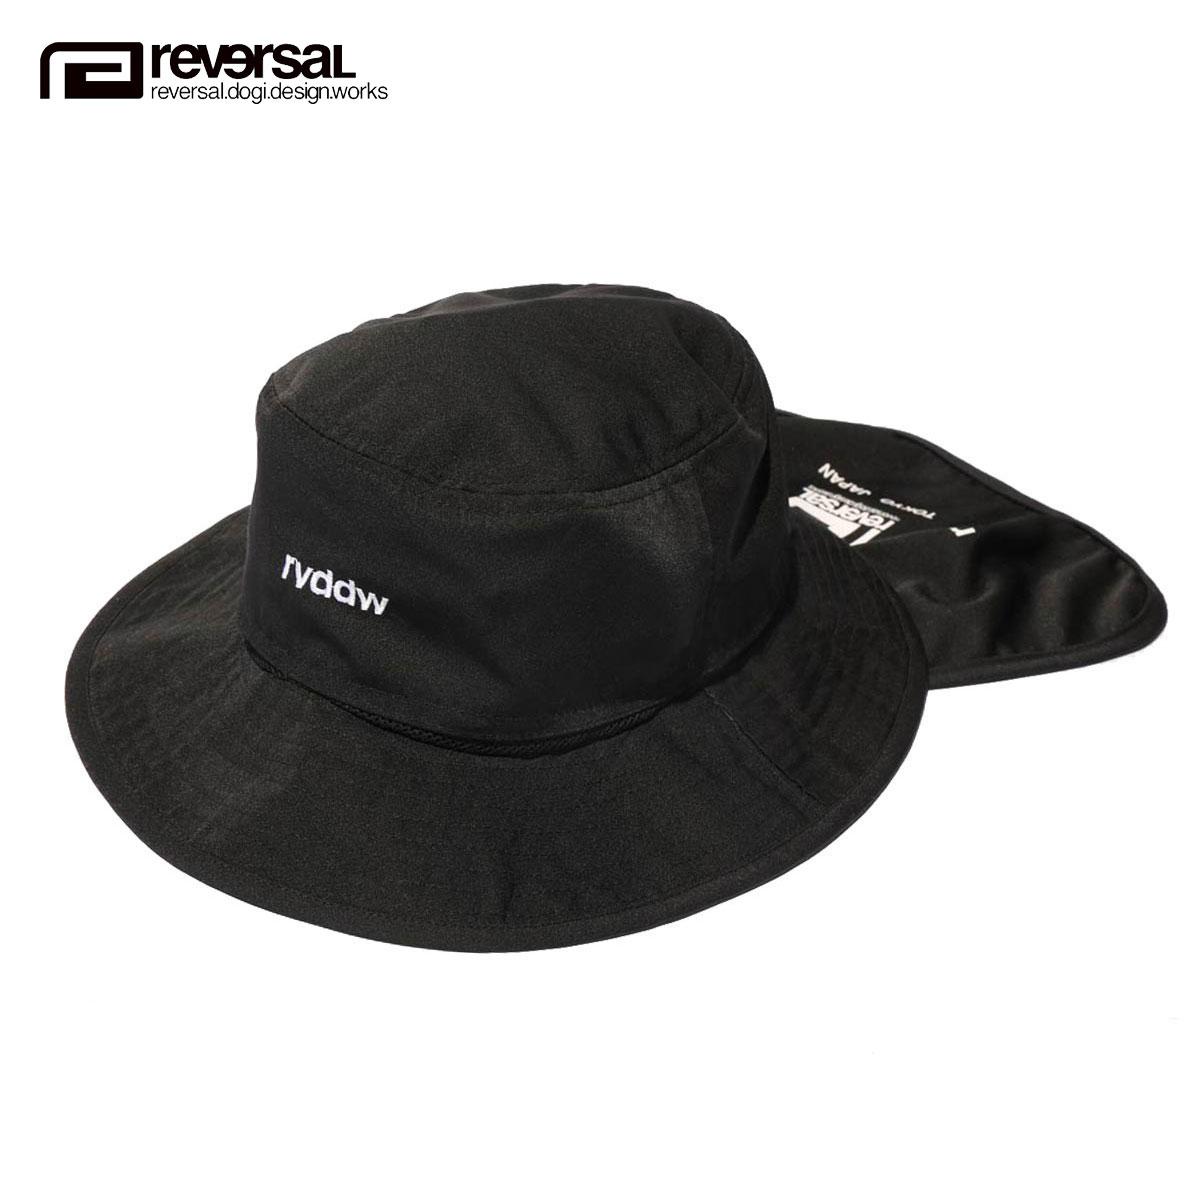 購入時にもらえるクーポン配布中 あす楽対応 送料無料 A06B B3C C3D D4E E13F リバーサル ハット メンズ SEAL限定商品 レディース 正規販売店 帽子 SUN SHADE サファリハット BLACK SAFARI スーパーセール rvddw REVERSAL HAT rv20ss701